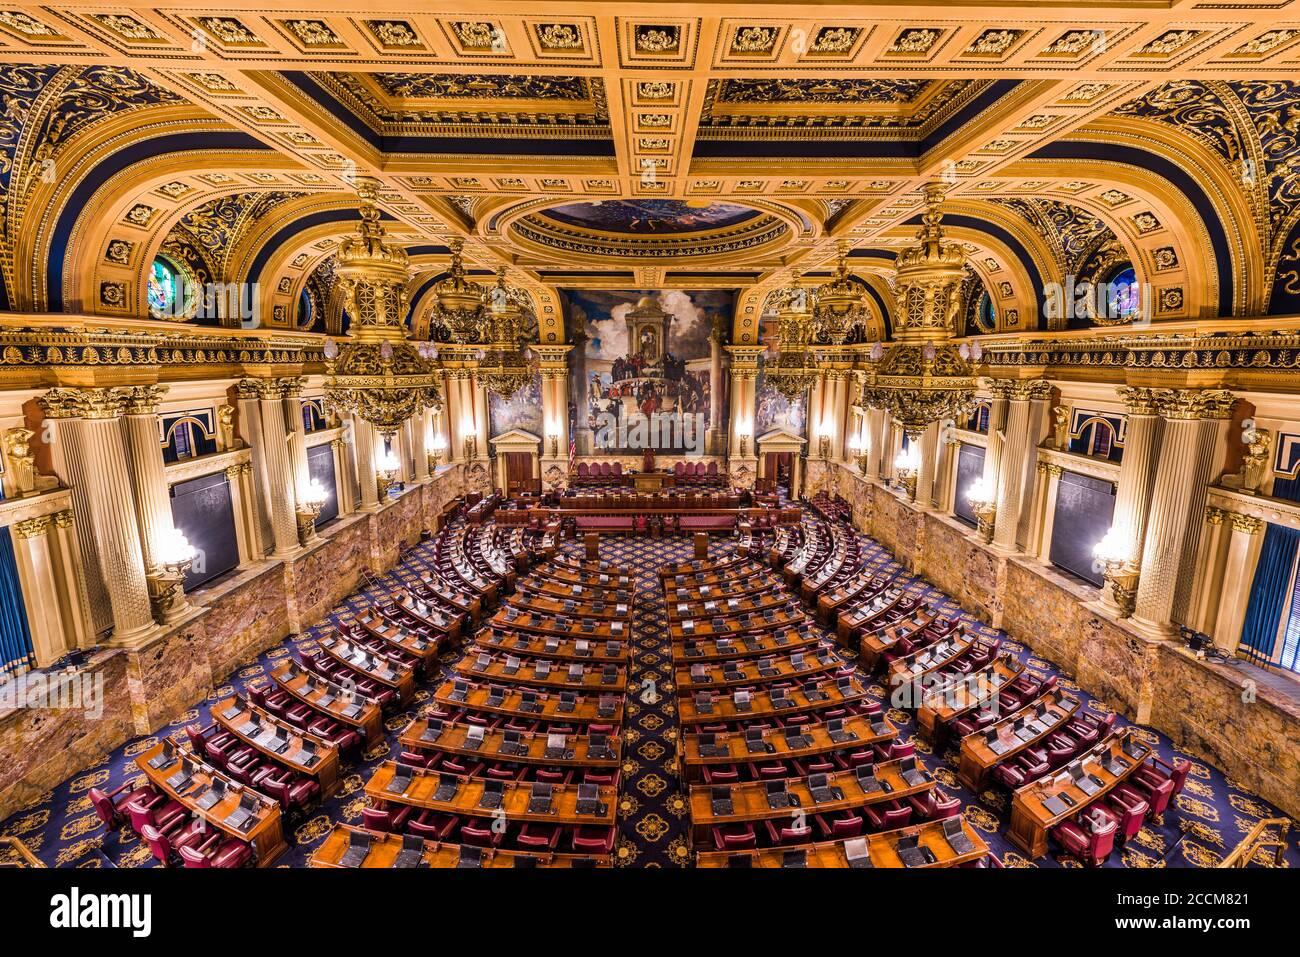 HARRISBURG, Pennsylvanie - 23 NOVEMBRE 2016: la chambre de la Chambre des représentants de l'Utah State Capitol. Banque D'Images